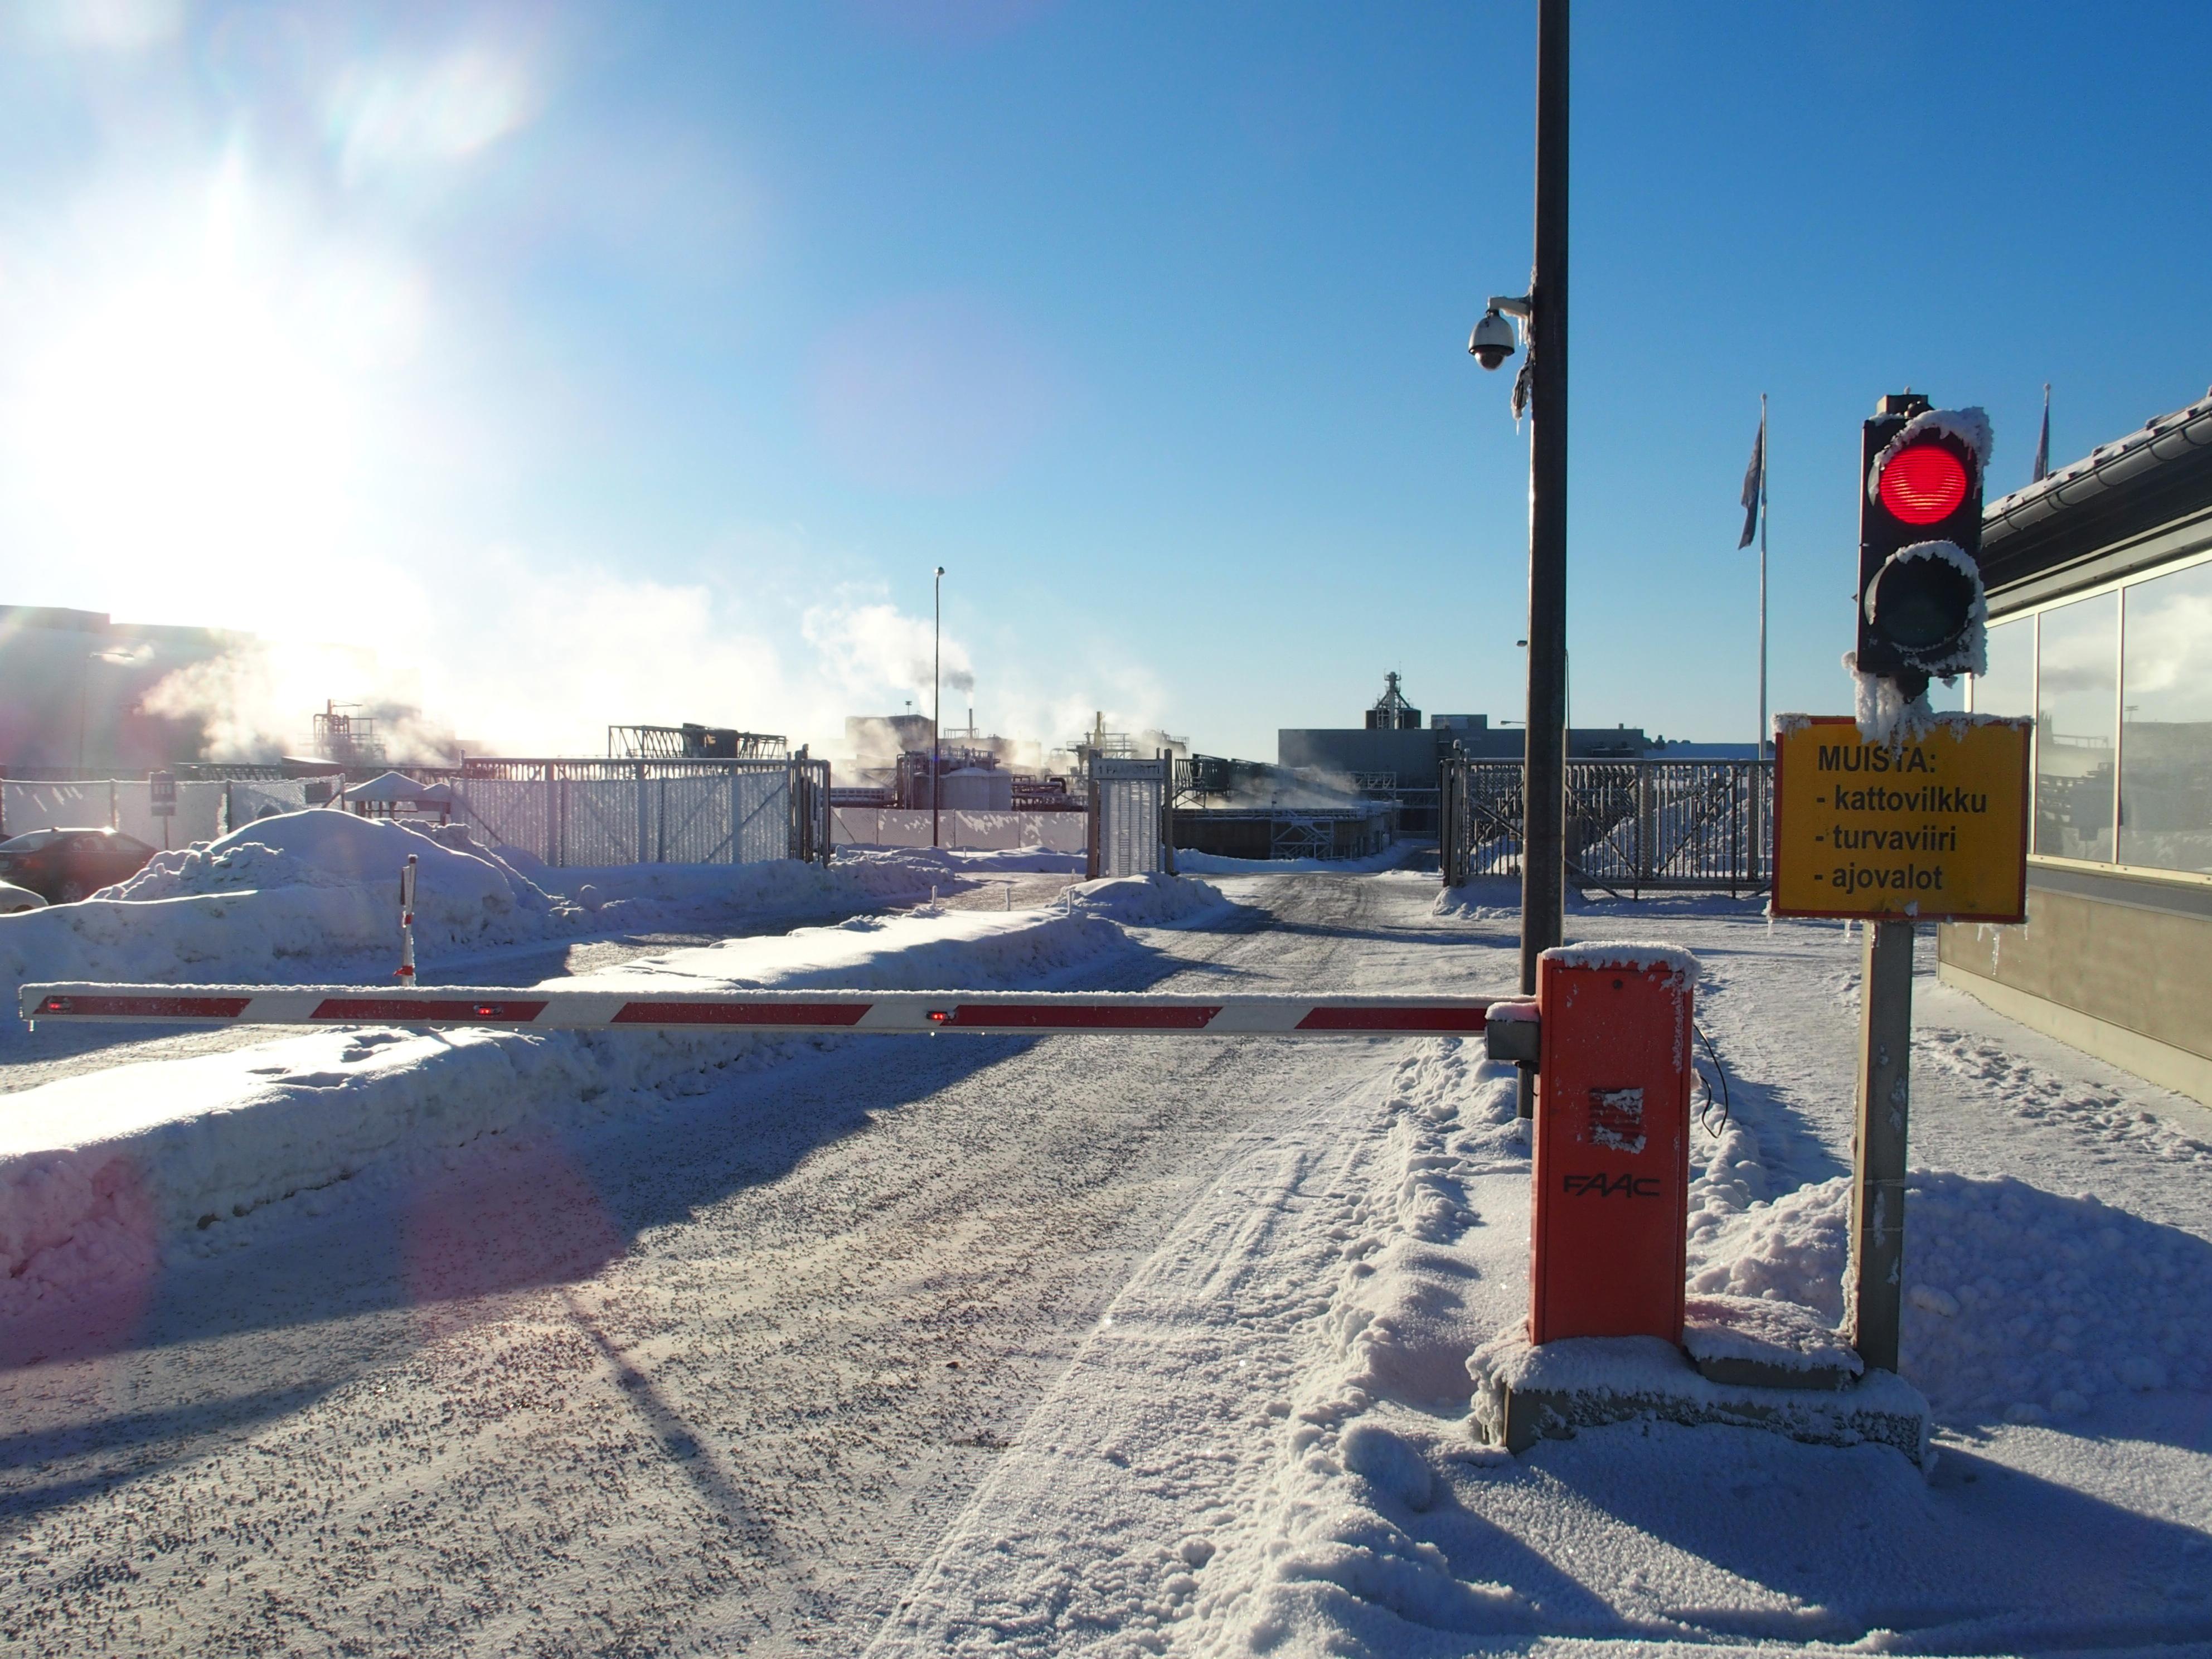 Terrafamen kaivoksella viikko päättyi perin aurinkoisissa oloissa. Kaivos sai kaipaamansa osaomistajan ja lisärahoituksen. (Kuva: Pekka Moliis)